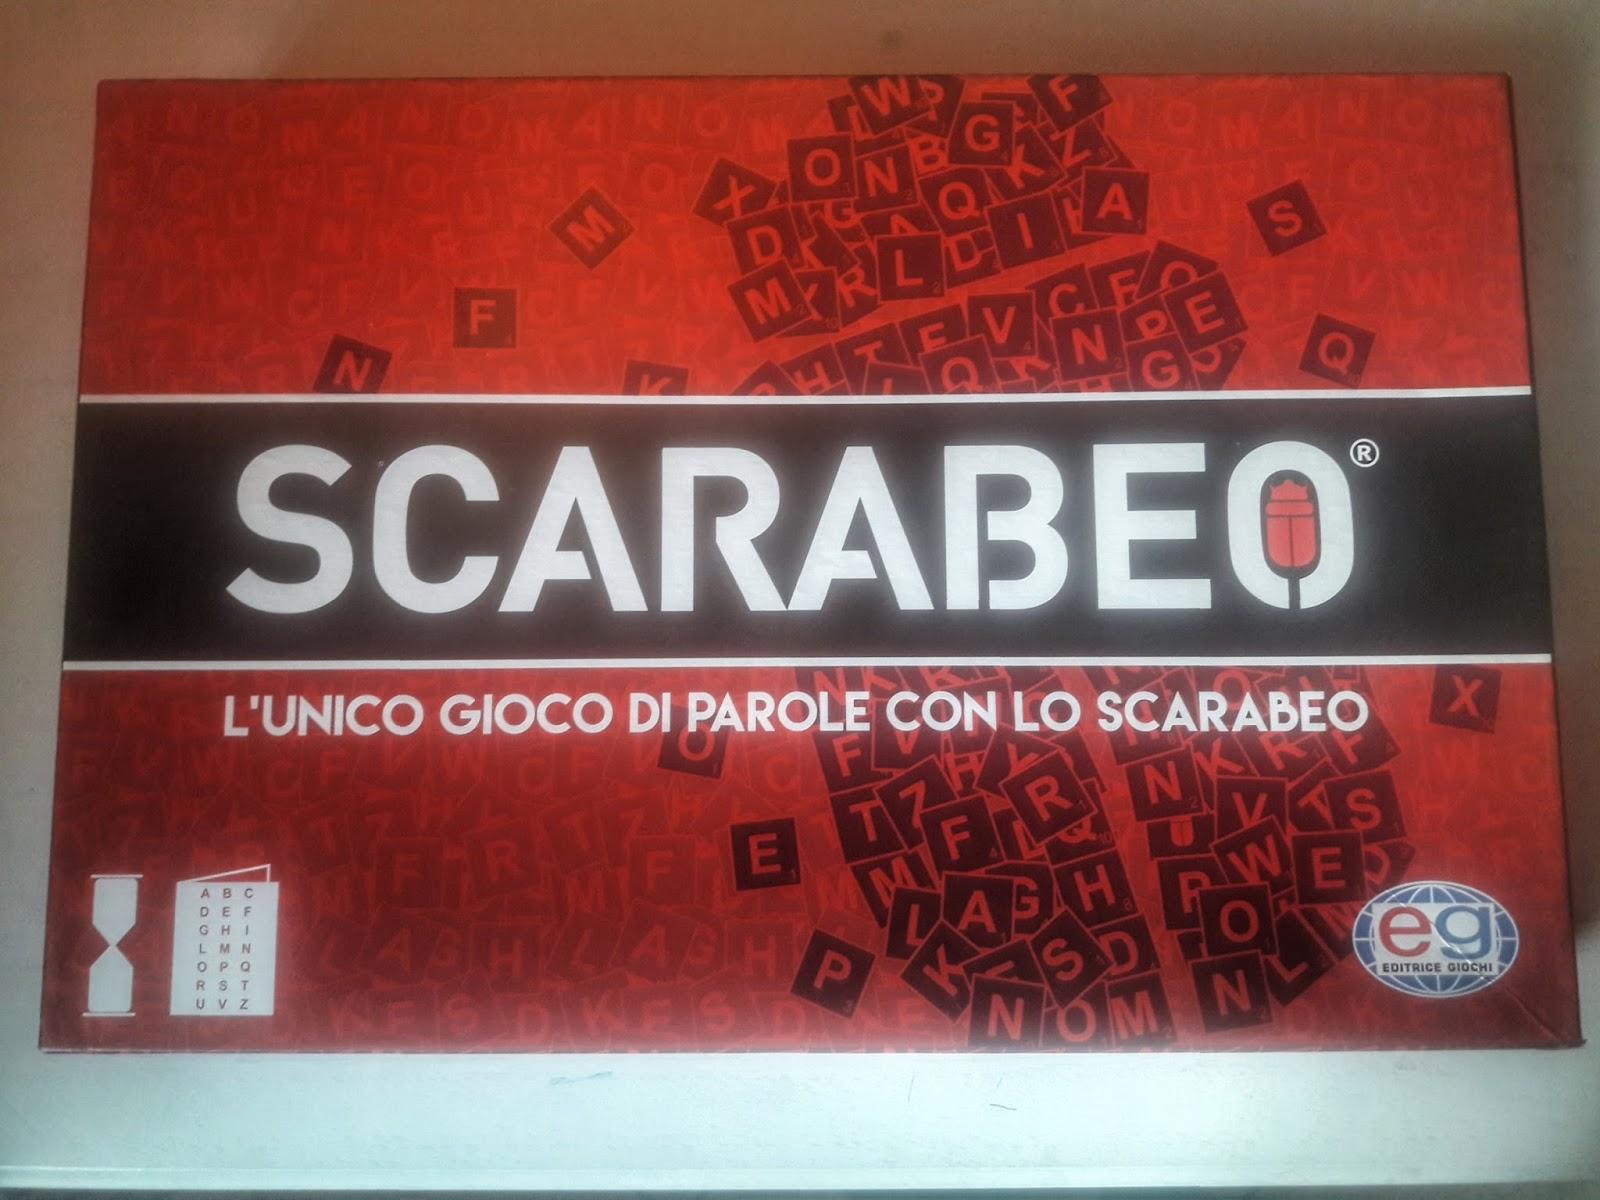 Famiglia tuttofare giochi da tavolo scarabeo editrice giochi - Scarabeo gioco da tavolo ...